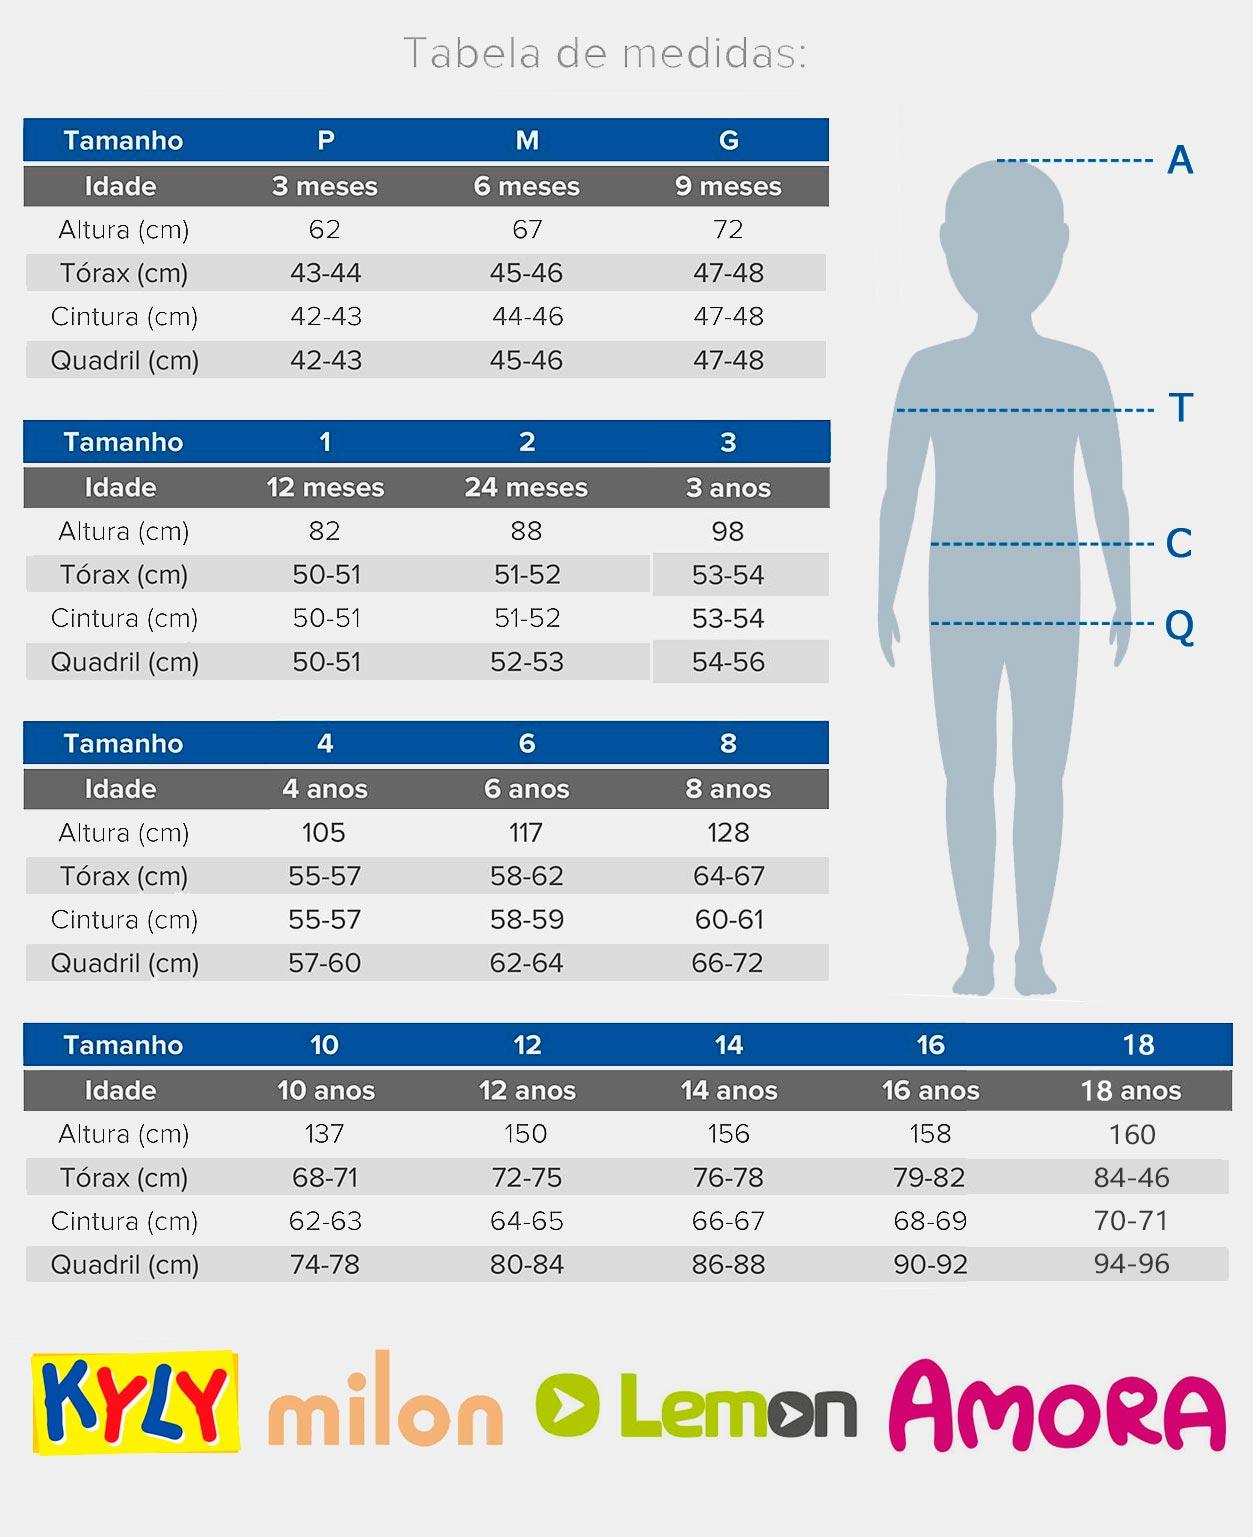 Blusa Infantil Feminina Verão Preta Like Kyly: Tabela de medidas